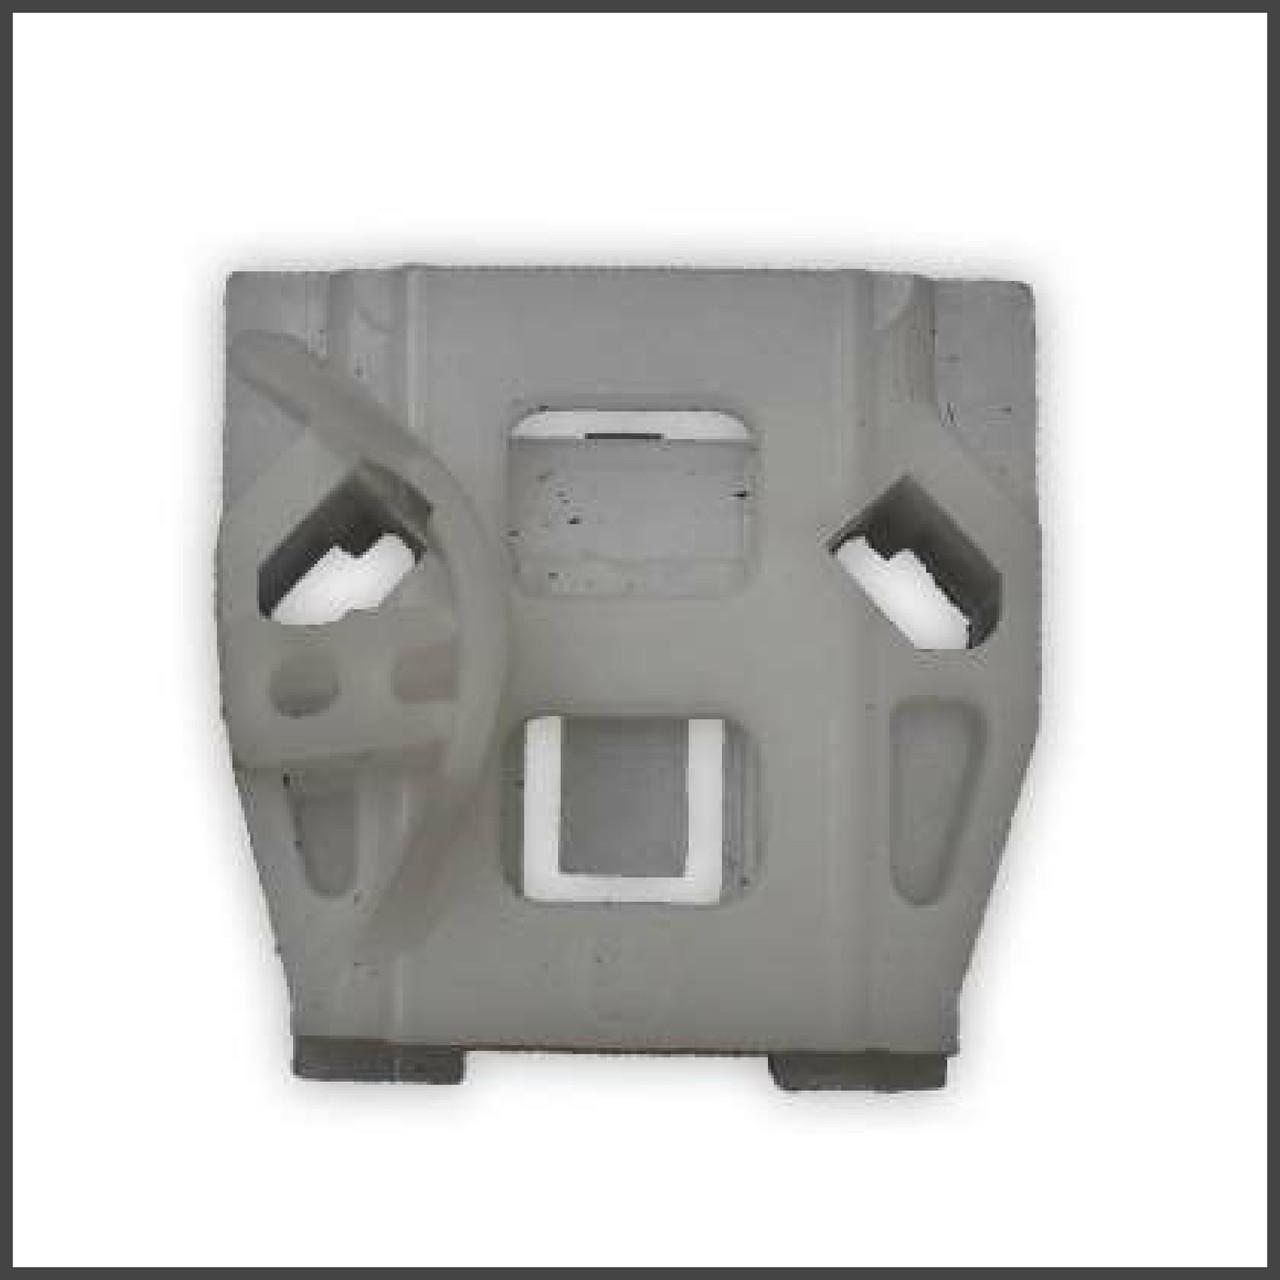 Механизм стеклоподъемника фиксатор скрепка передняя левая дверь Volkswagen, Seat, Peugeot (Front L)